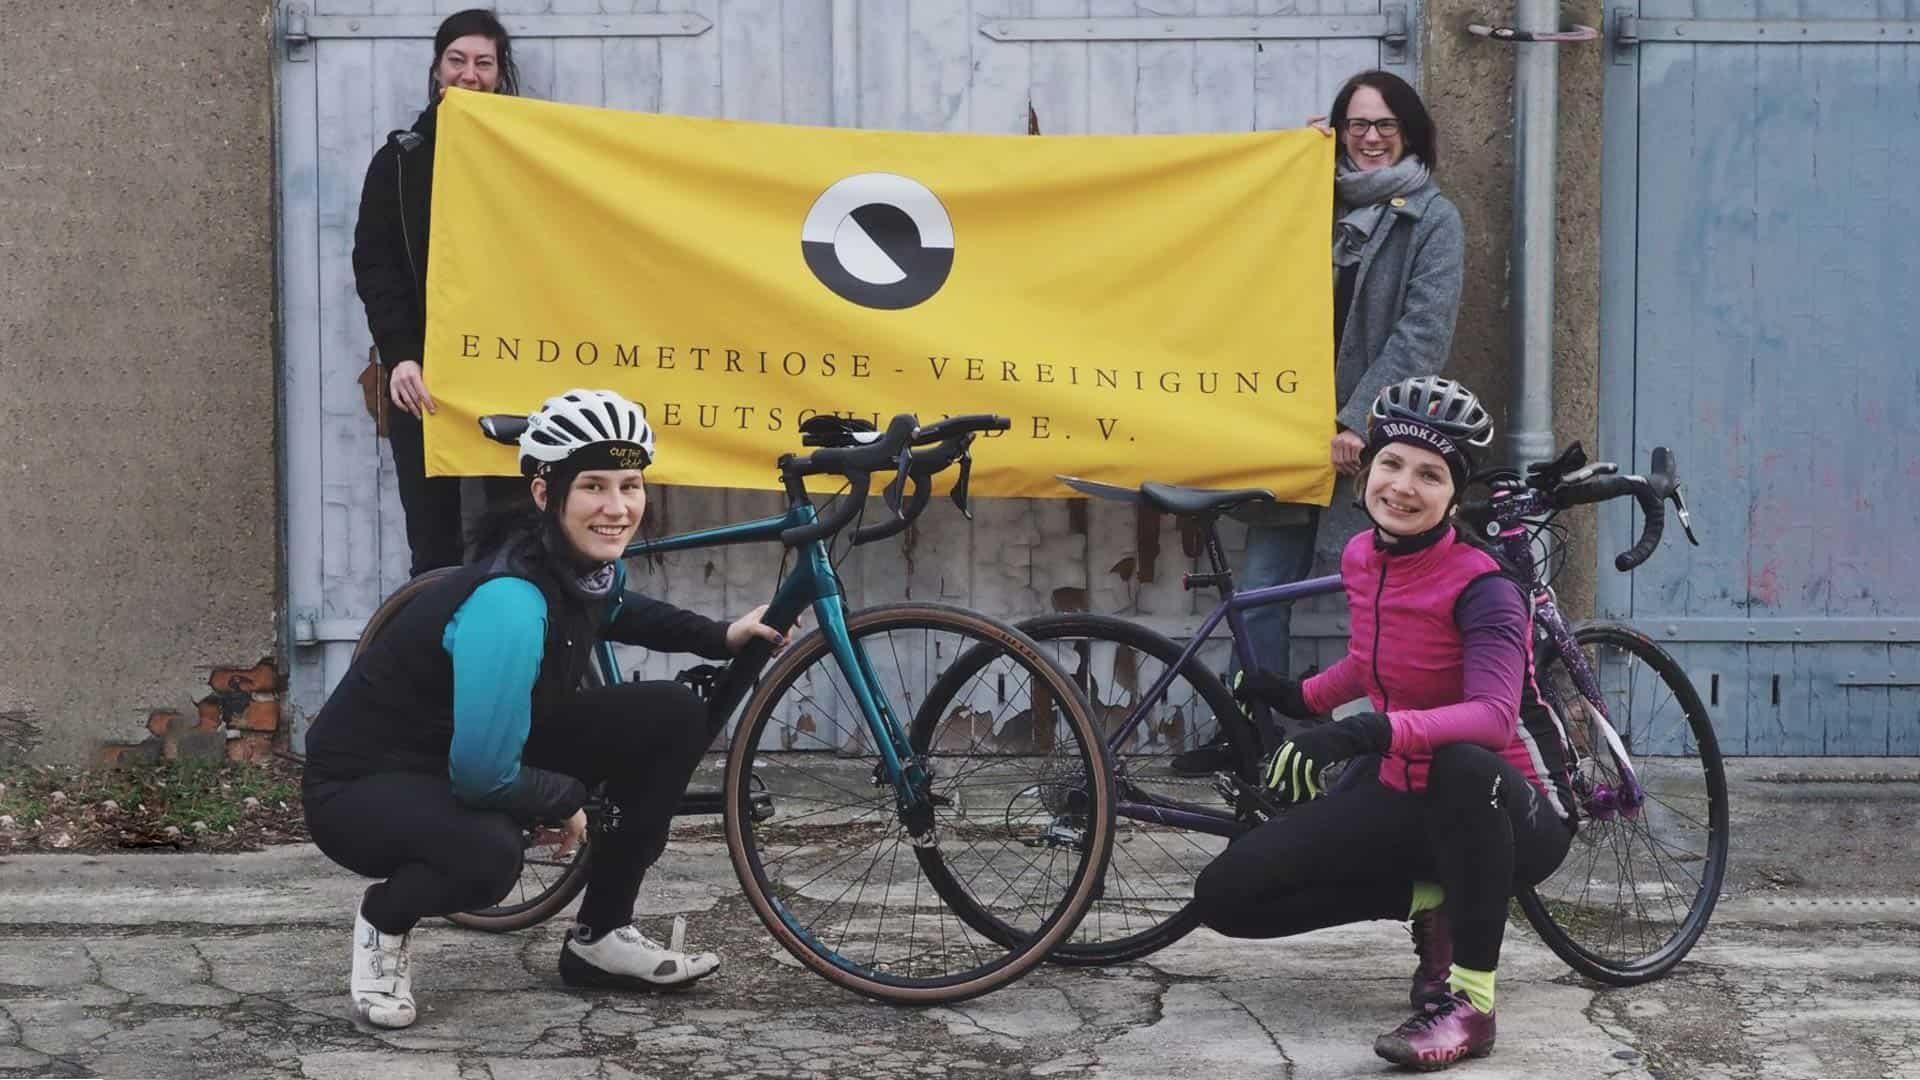 Endurance for Endometriose Frauen mit Banner und Fahrrädern